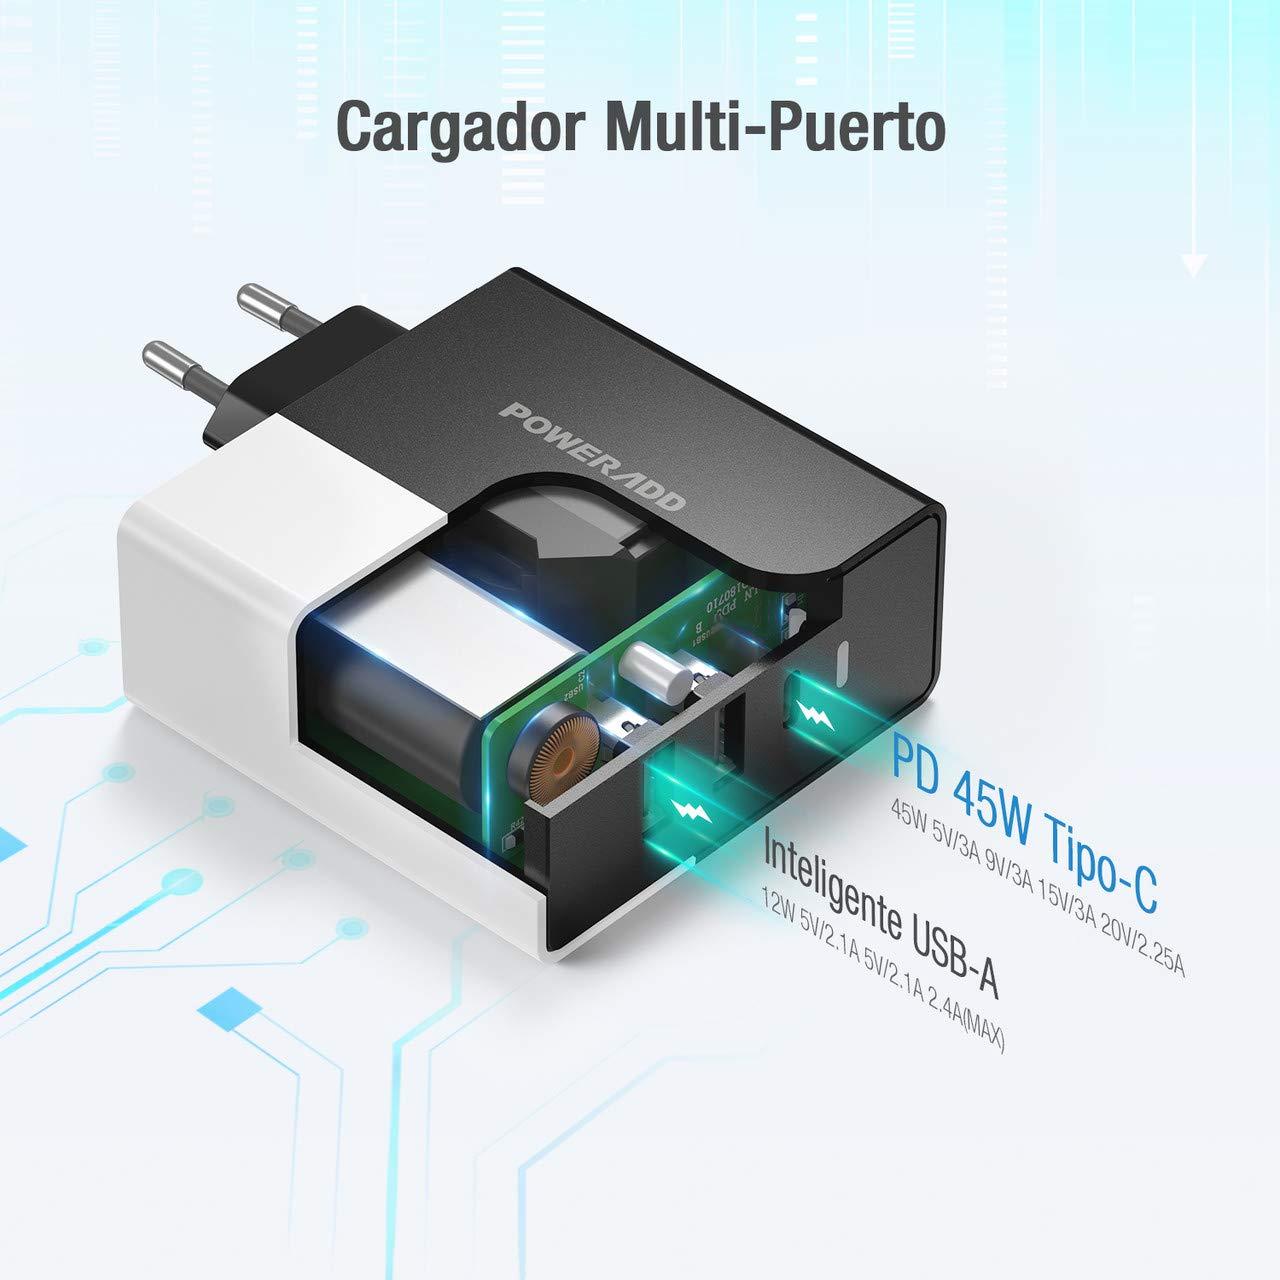 POWERADD 57W Adaptador de Corriente con 45W USB-C y Dos Puerto de 12W, Cargador para PD Laptop Tipo C, Compatible con Macbook Pro 13 Pulgadas ...